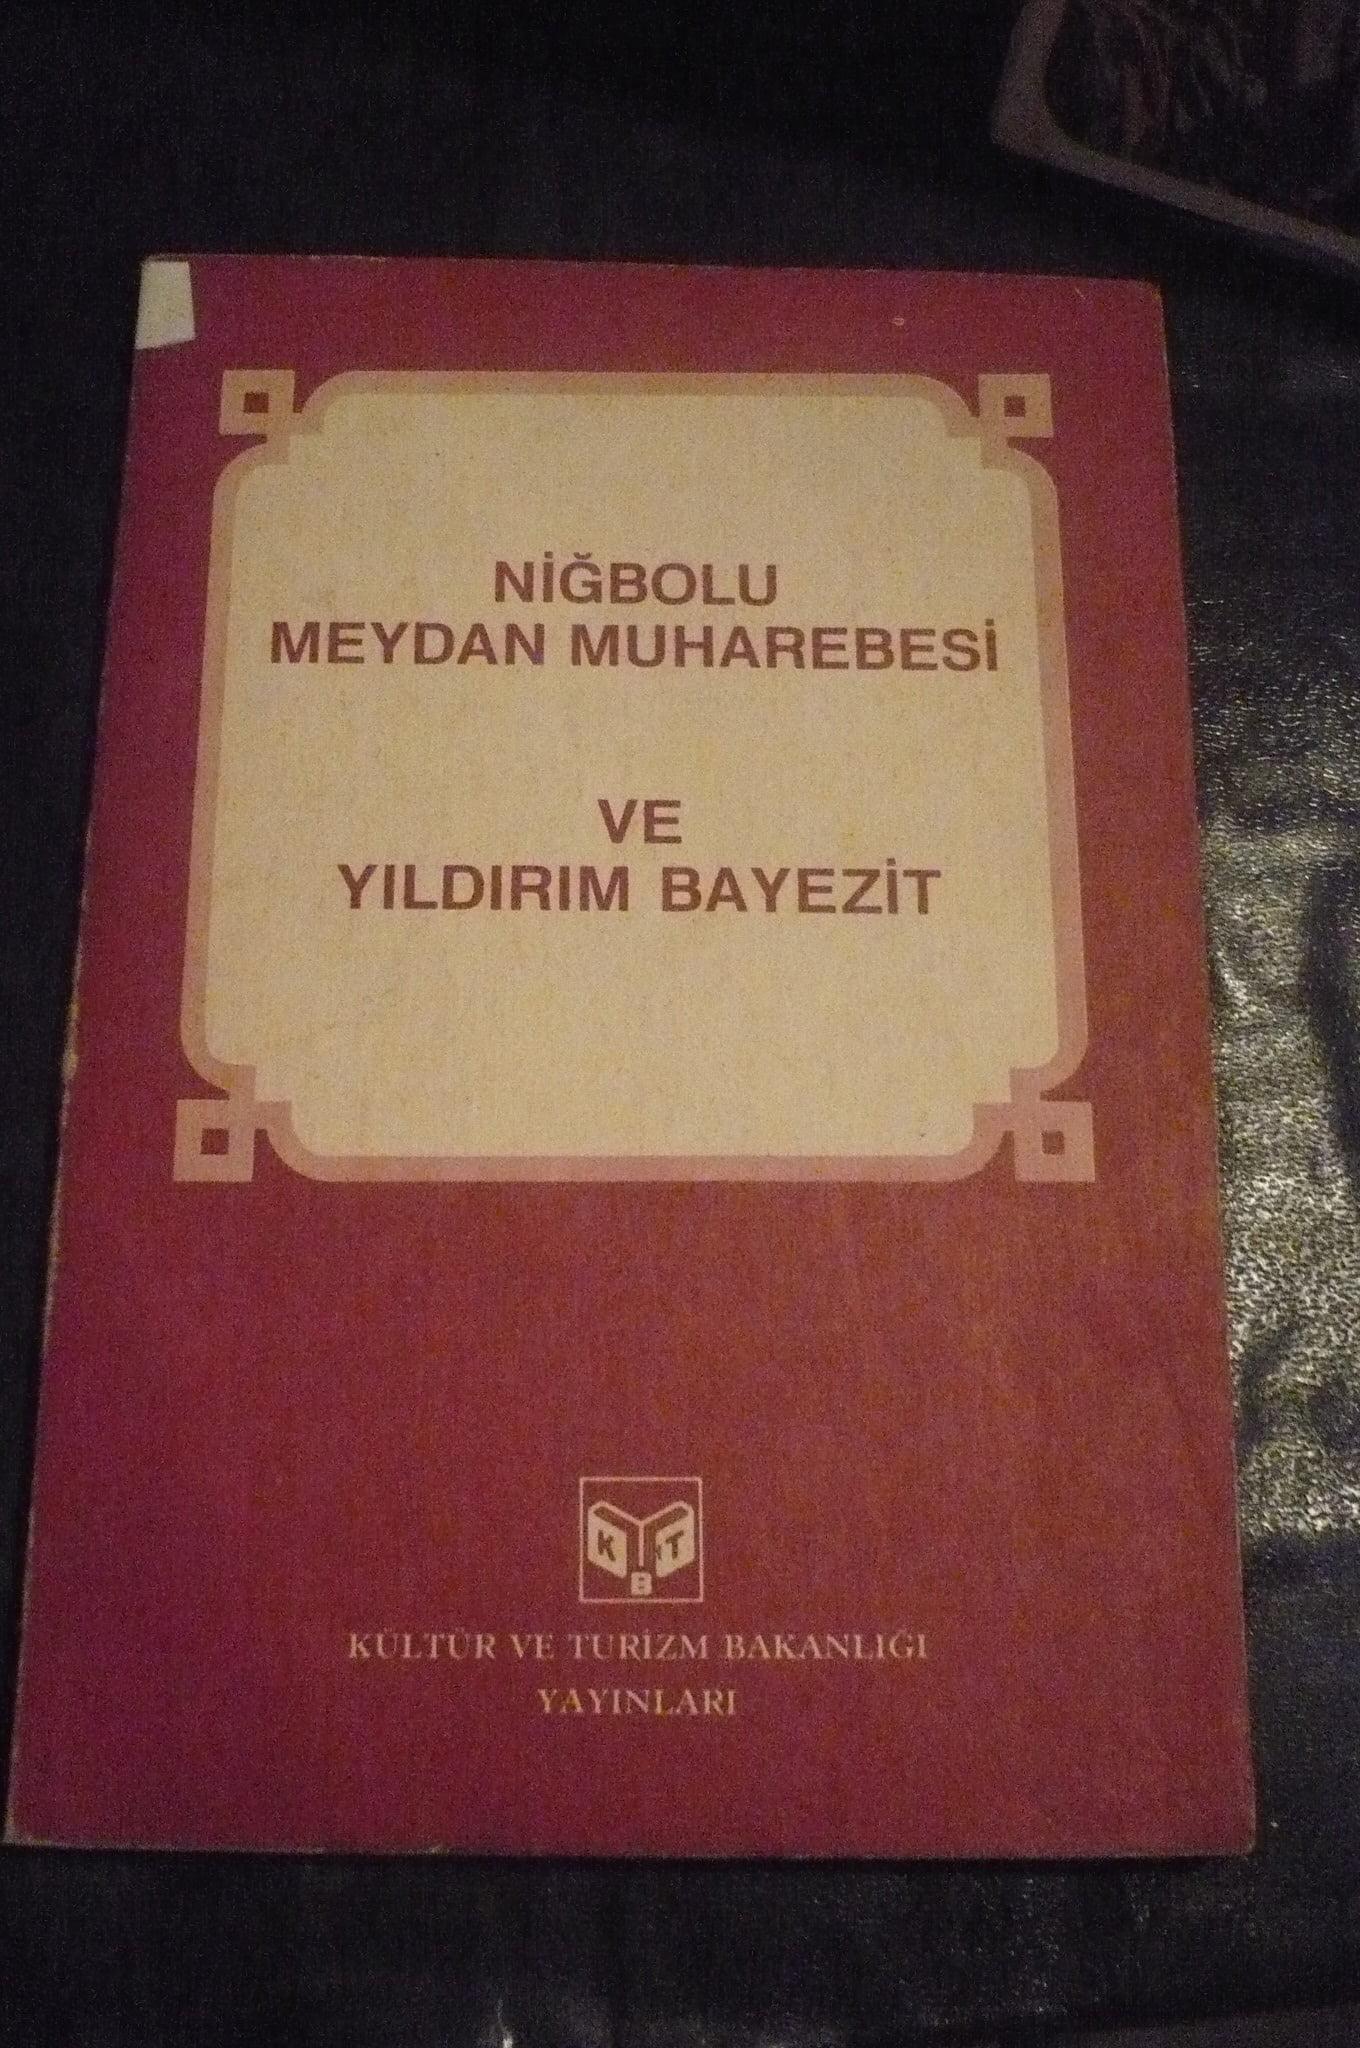 NİĞBOLU MEYDAN MUHAREBESİ ve YILDIRIM BAYEZIT/Genelkurmay/ 10tl